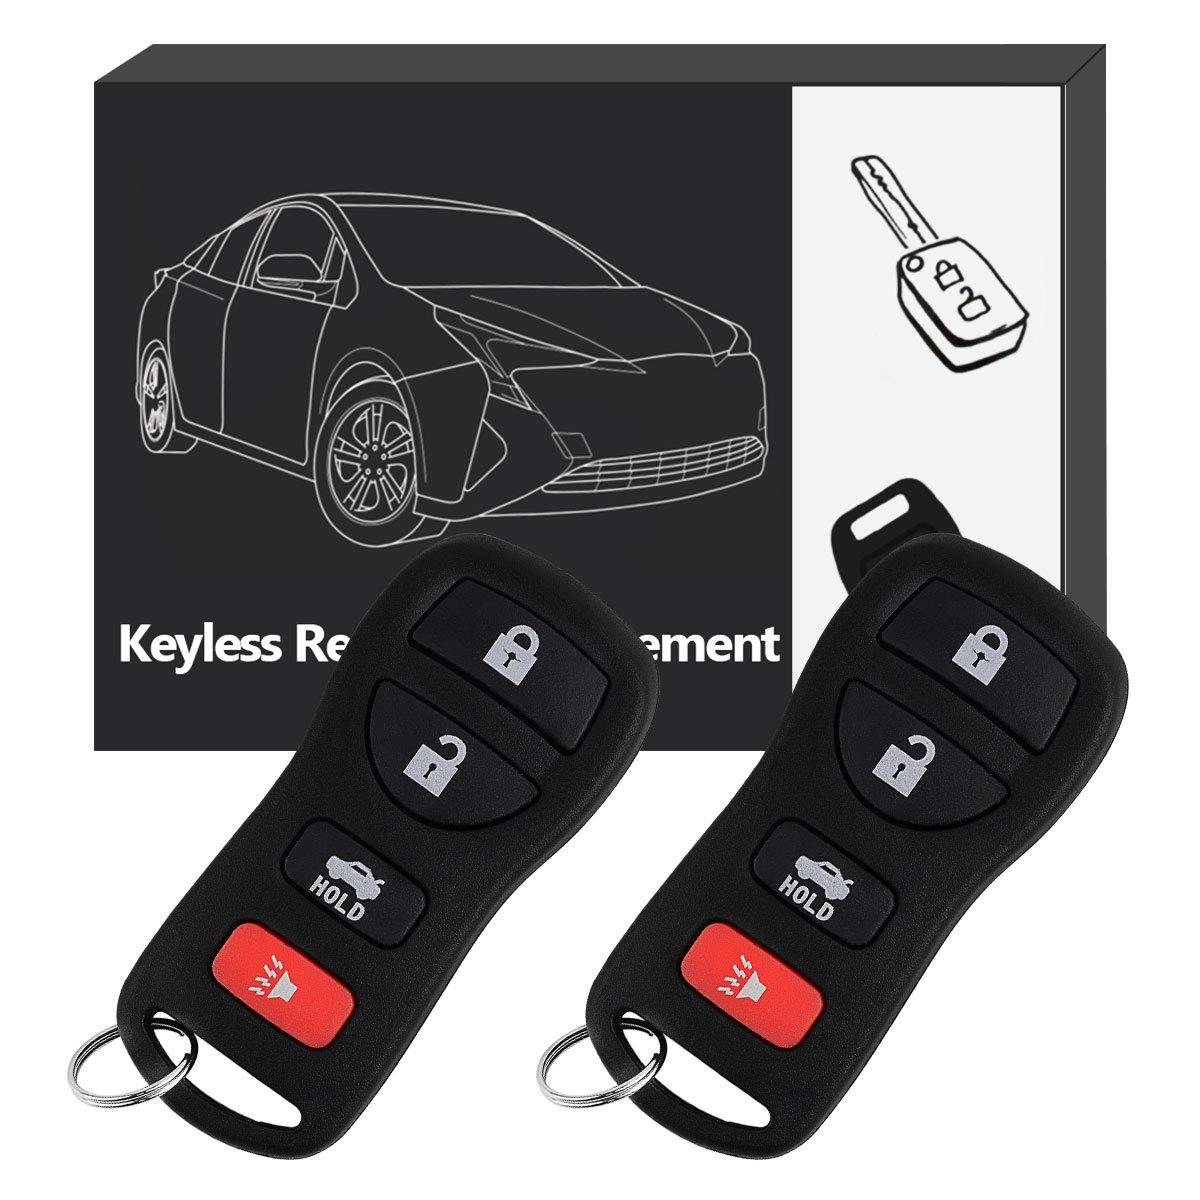 YITAMOTOR Keyless Entry Remote Control Compatible for 2002-2006 Nissan Altima 2007-2012 Nissan Sentra Key Fob Replacement for KBRASTU15, CWTWB1U758, CWTWB1U821